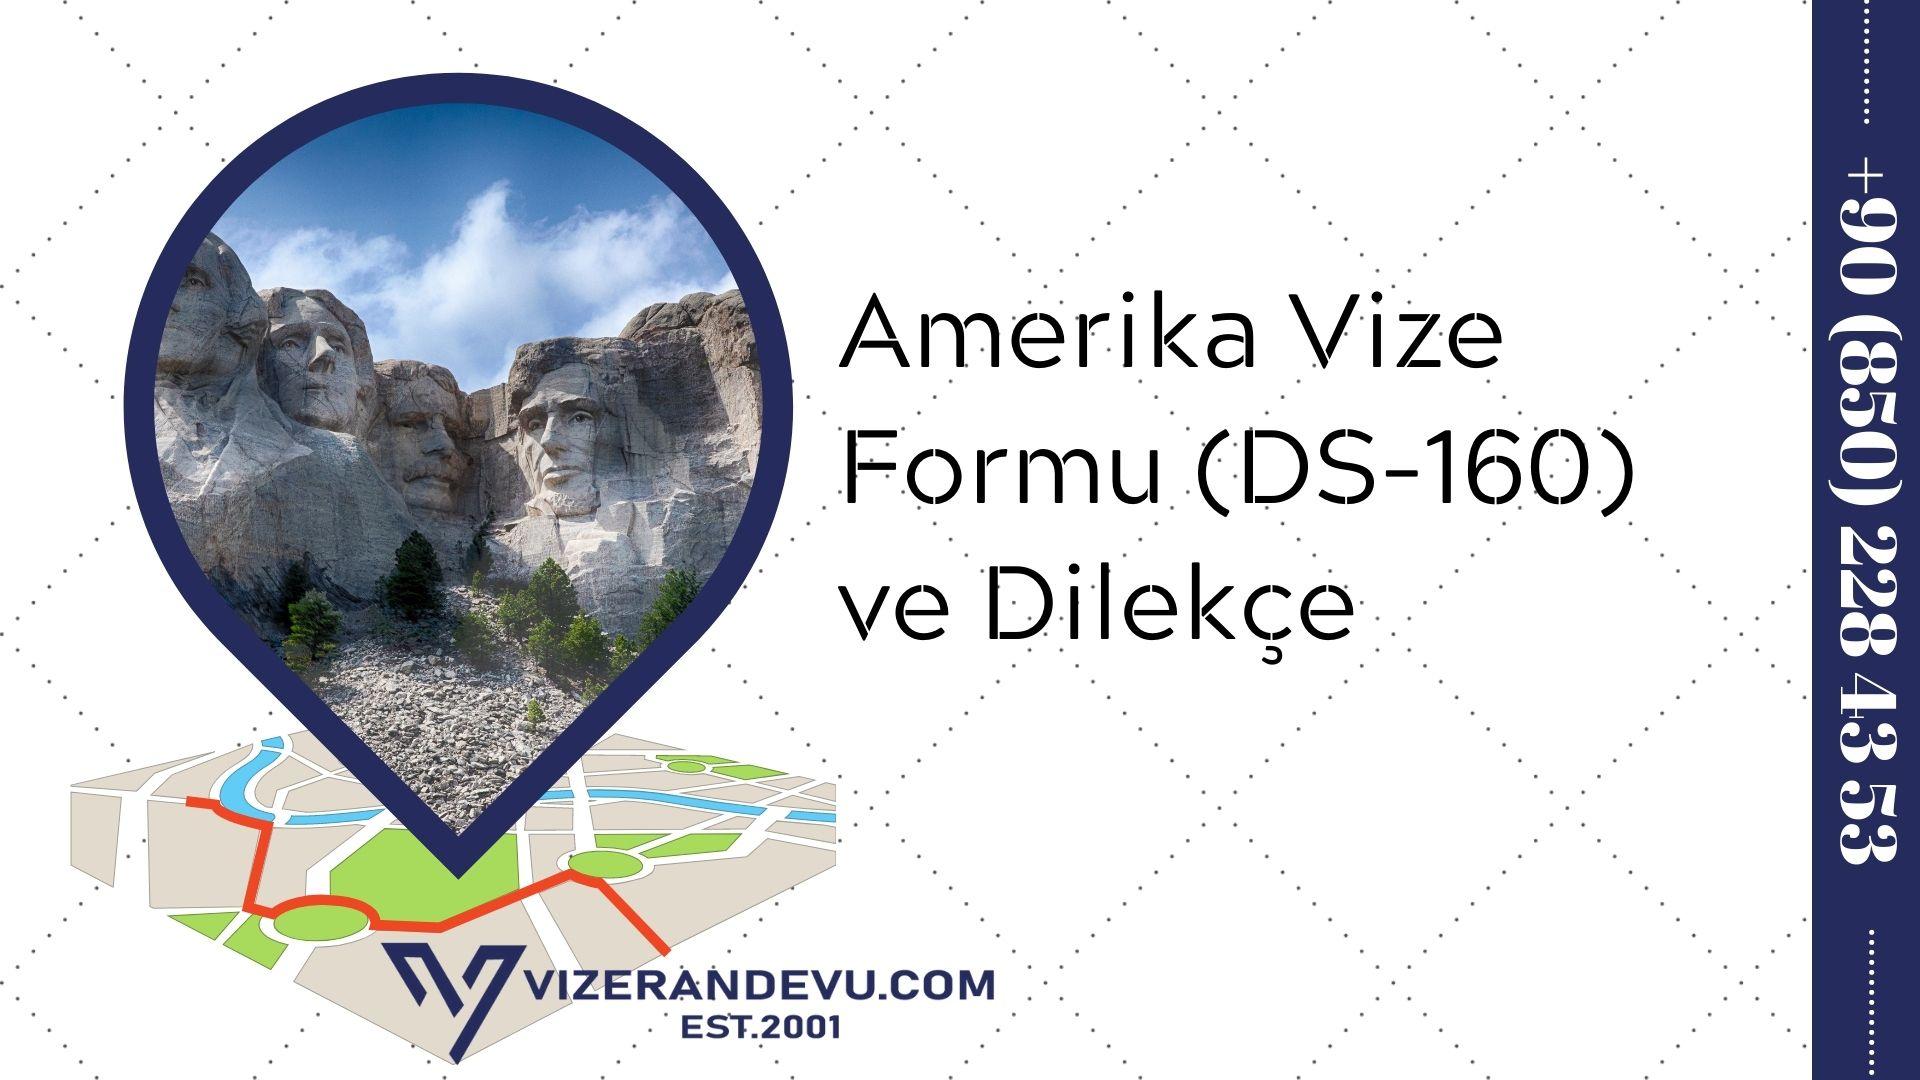 Amerika Vize Formu (DS-160) ve Dilekçe